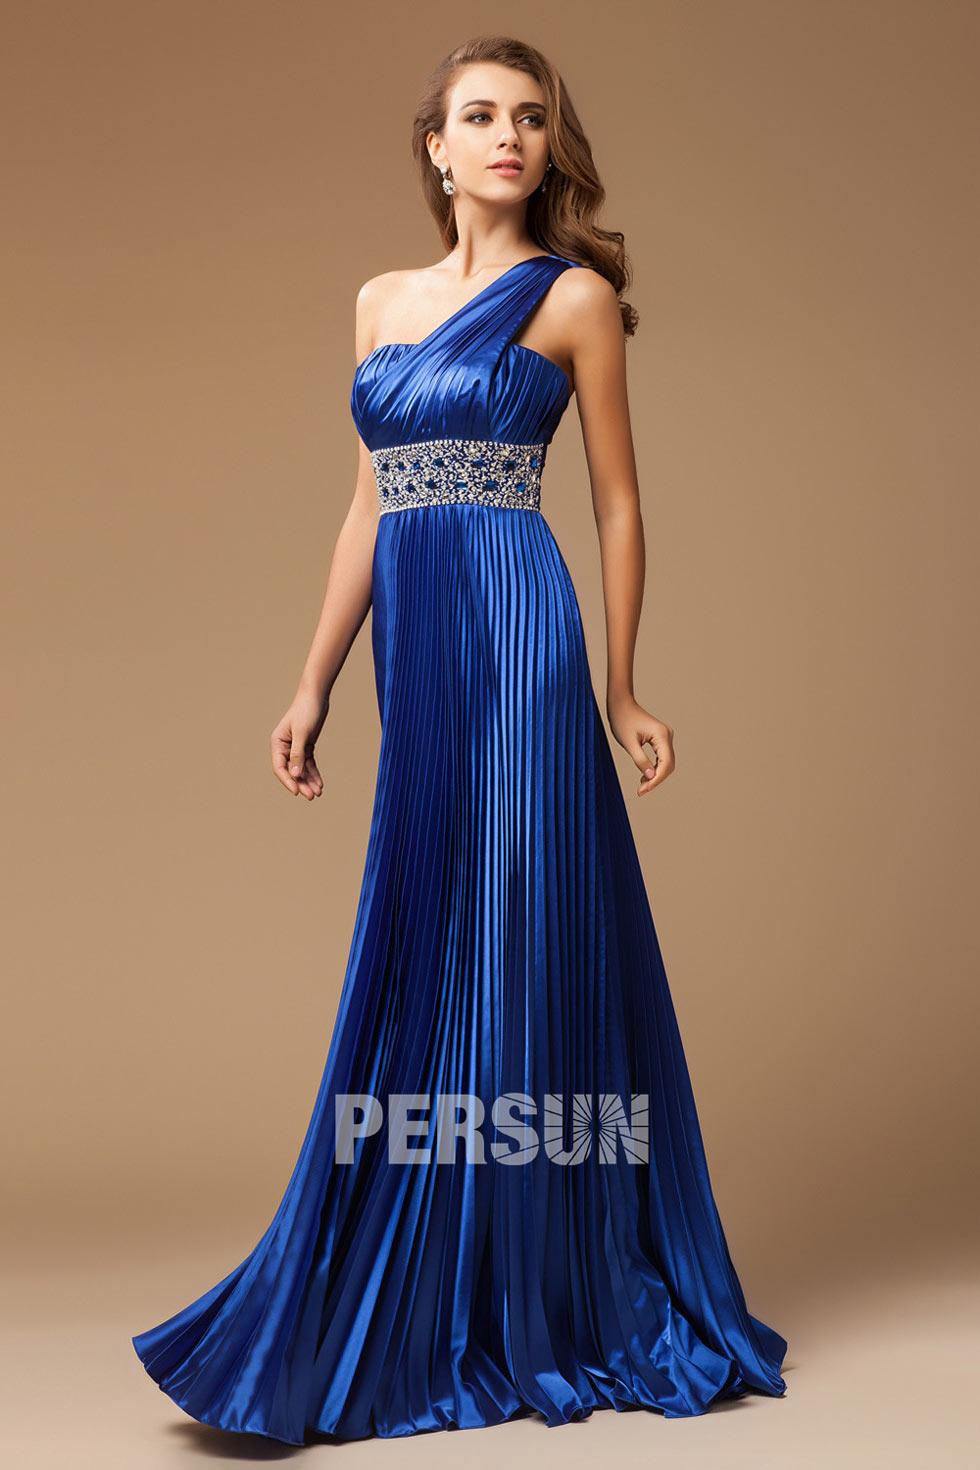 Robe bleu royale asymétrique taille cousue de paillettes plissée longueur sol